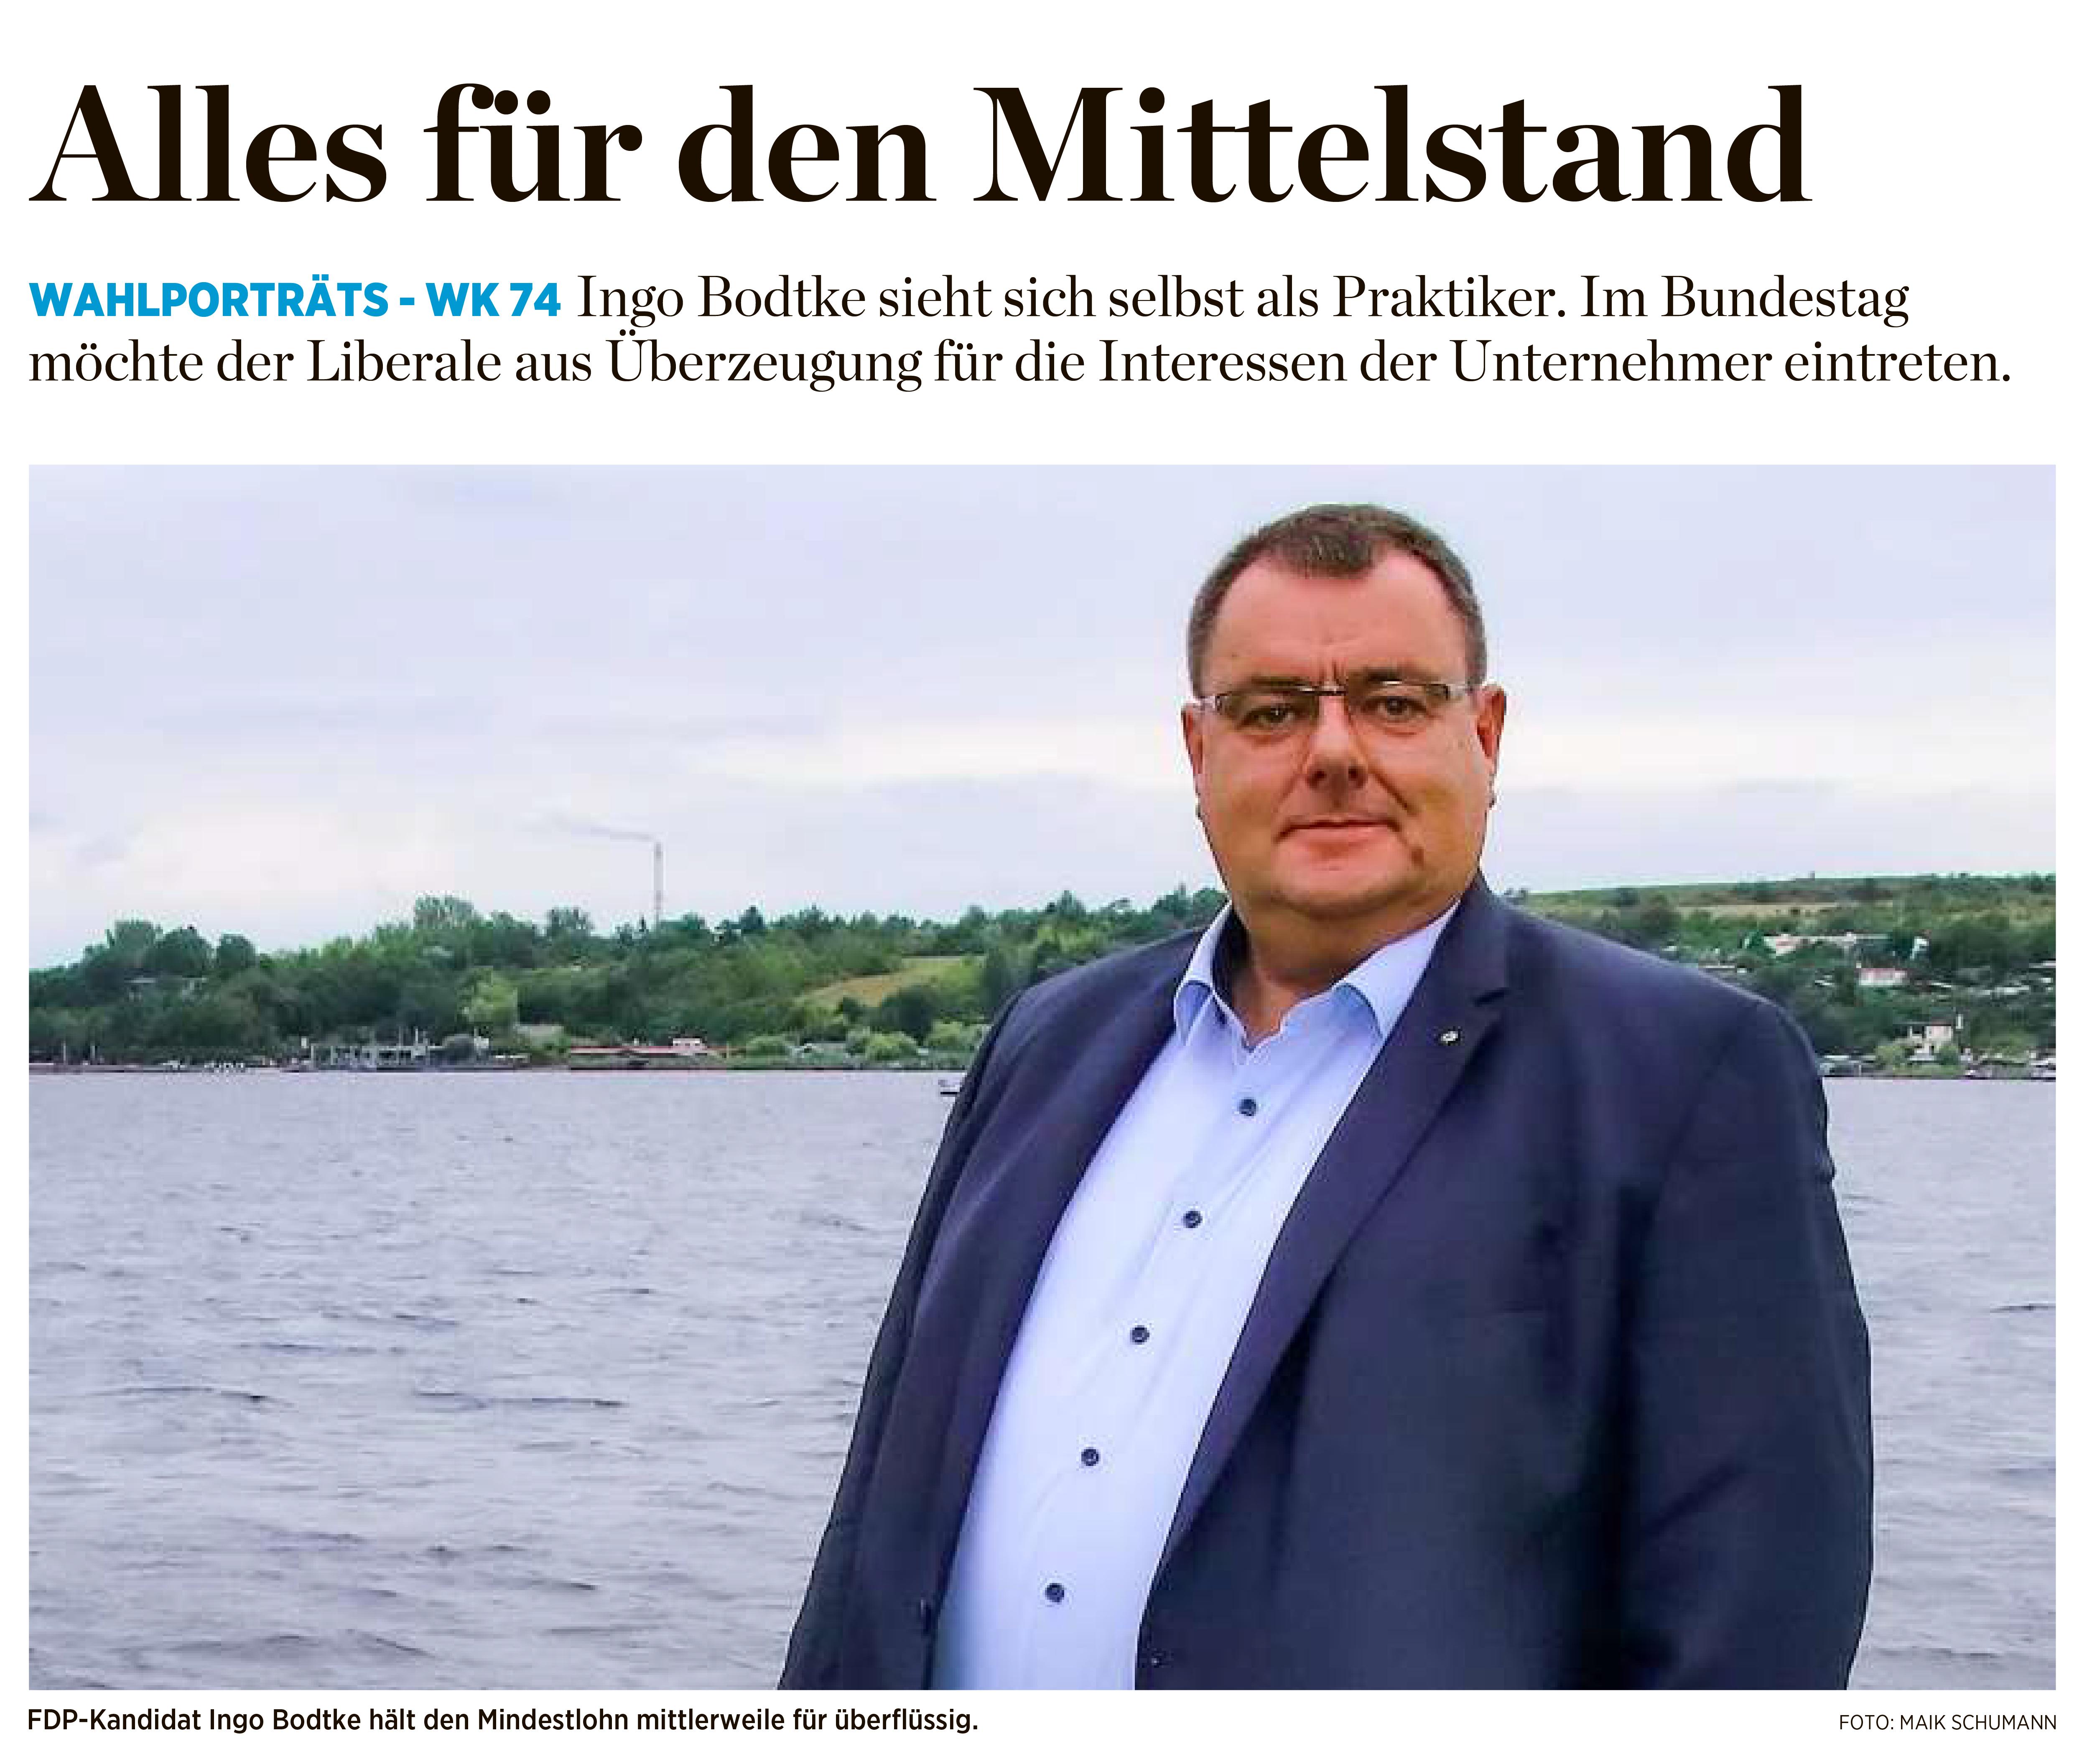 Ingo Bodtke in der Mitteldeutschen Zeitung